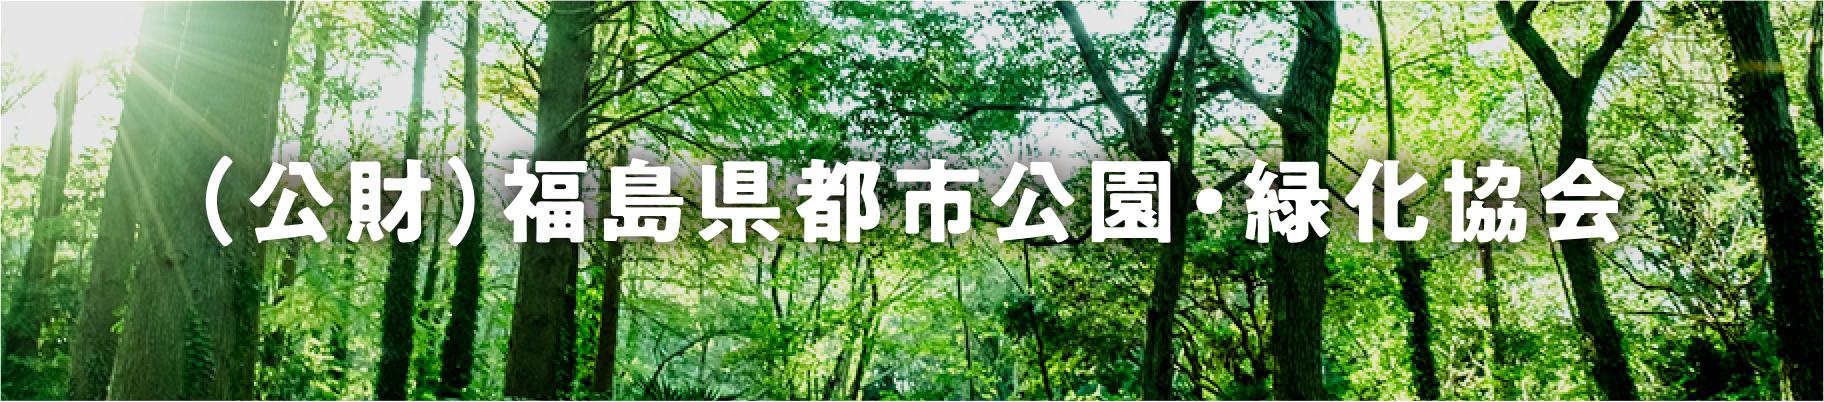 (公財)福島県都市公園・緑化協会